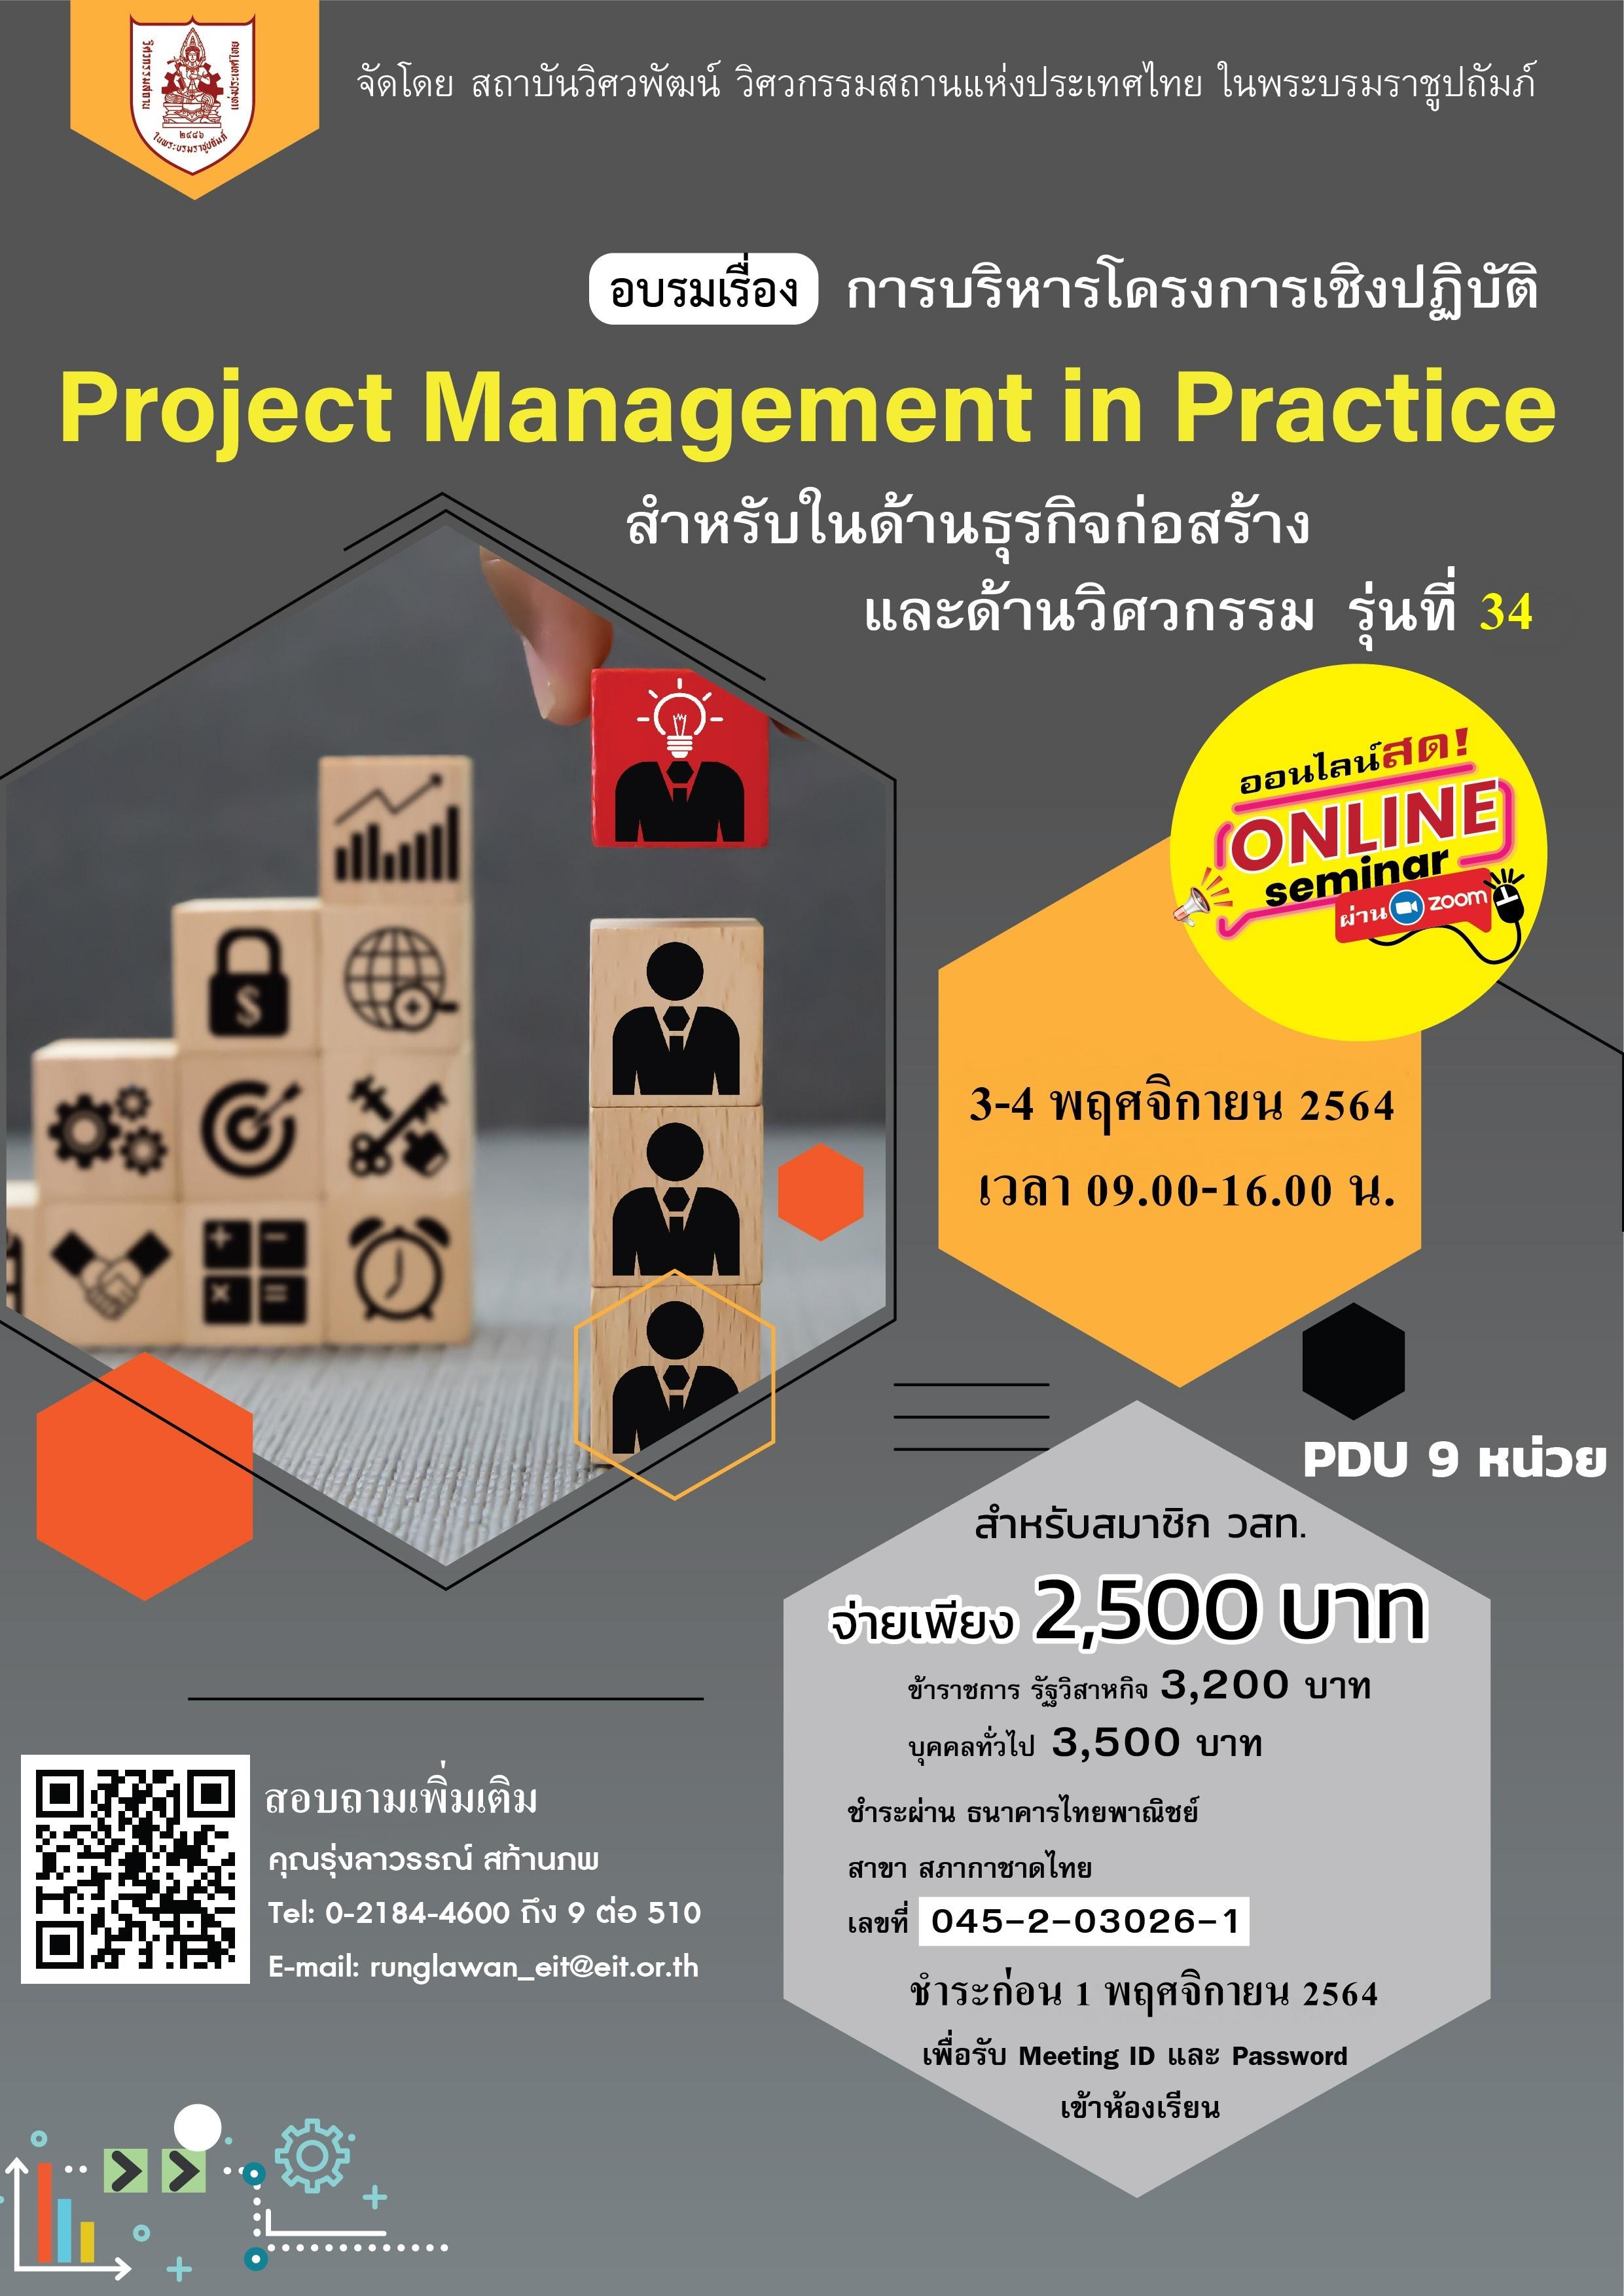 3-4/11/2564  โครงการอบรมออนไลน์เชิงปฏิบัติการหลักสูตร การบริหารโครงการเชิงปฏิบัติ (Project Management in Practice) สำหรับในด้านธุรกิจก่อสร้างและด้านวิศวกรรม รุ่นที่ 34